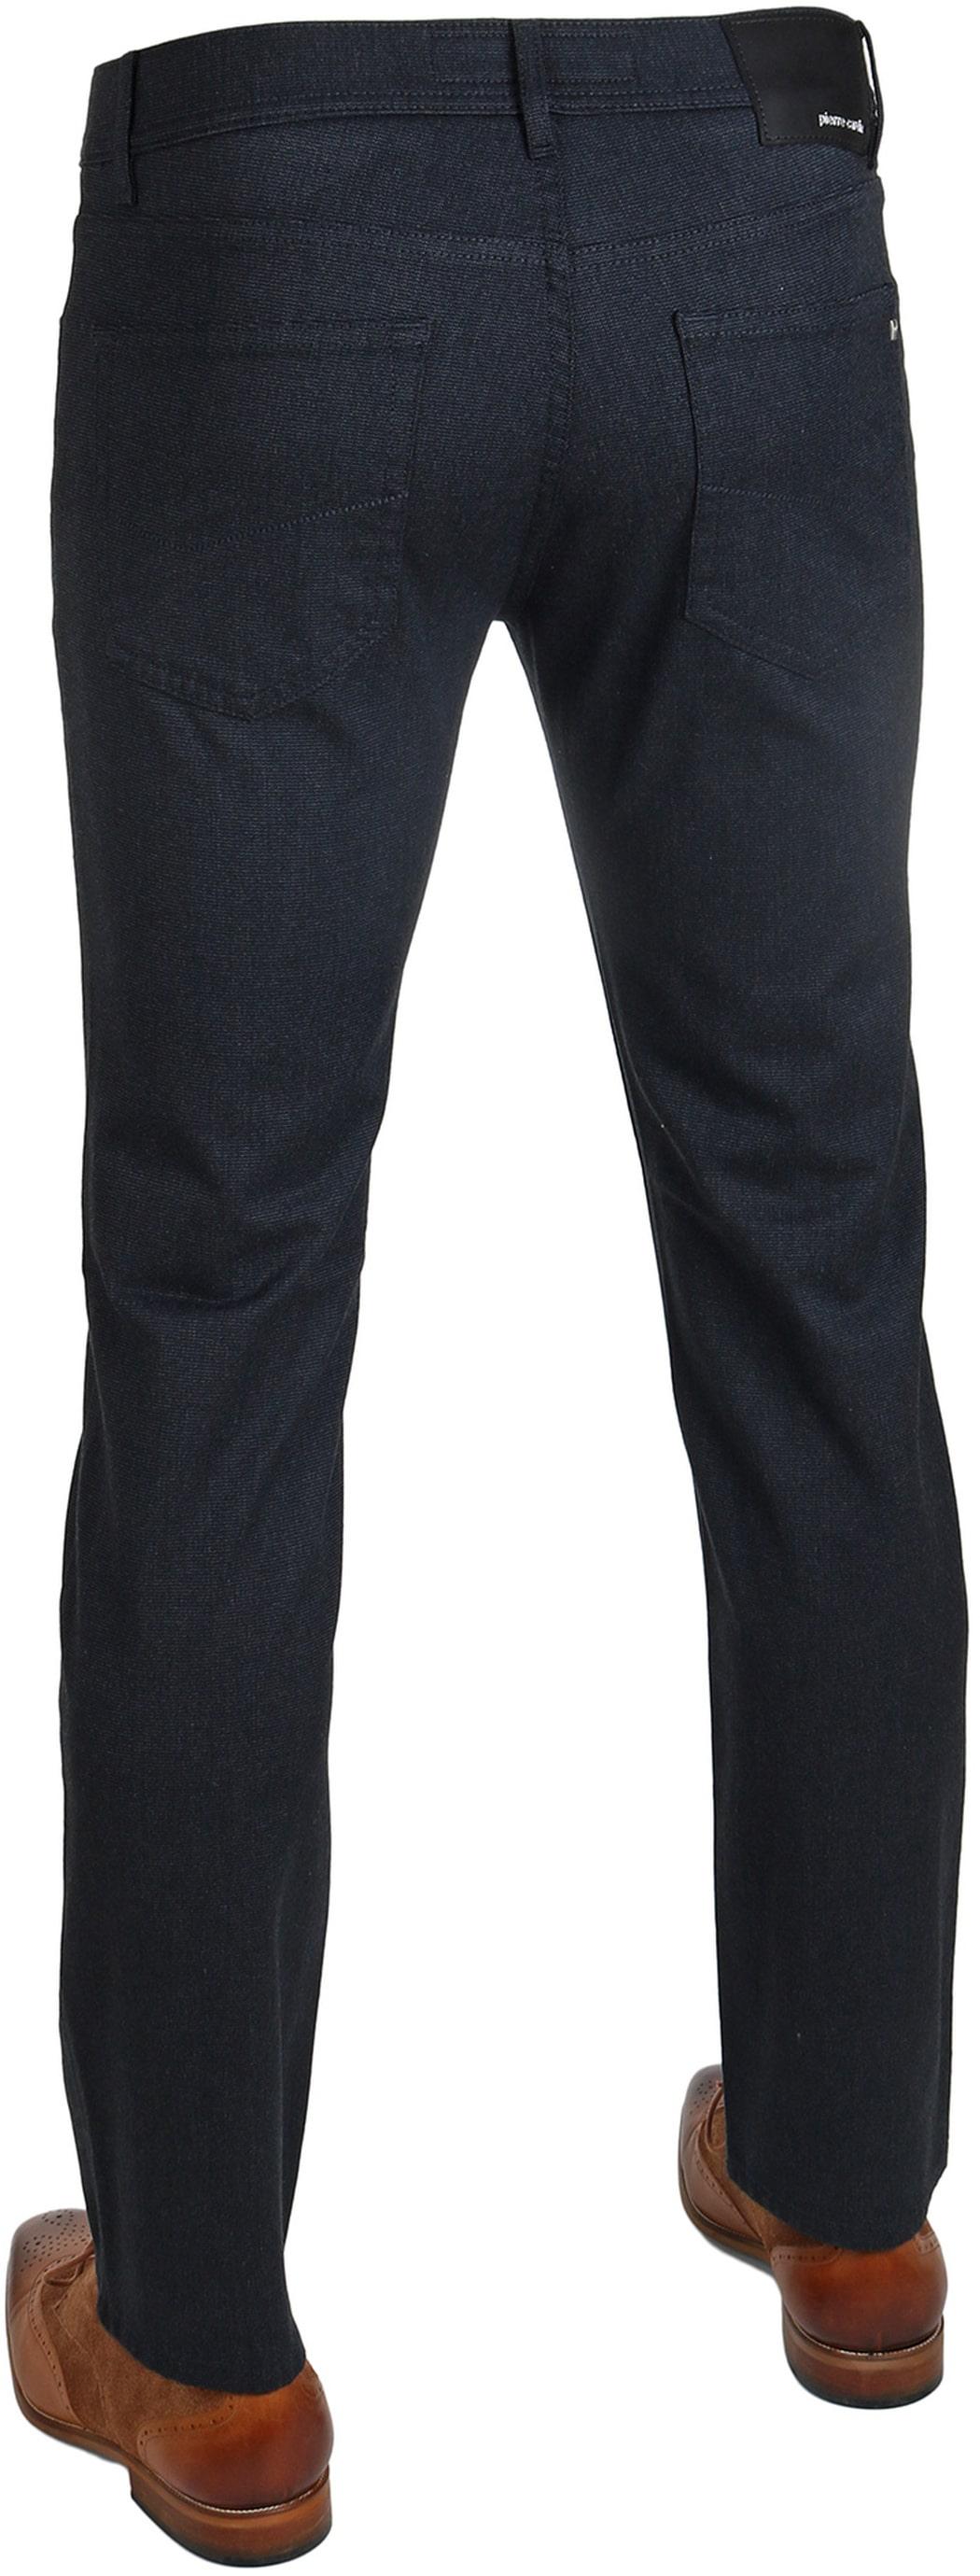 Pierre Cardin Lyon Jeans Navy foto 1